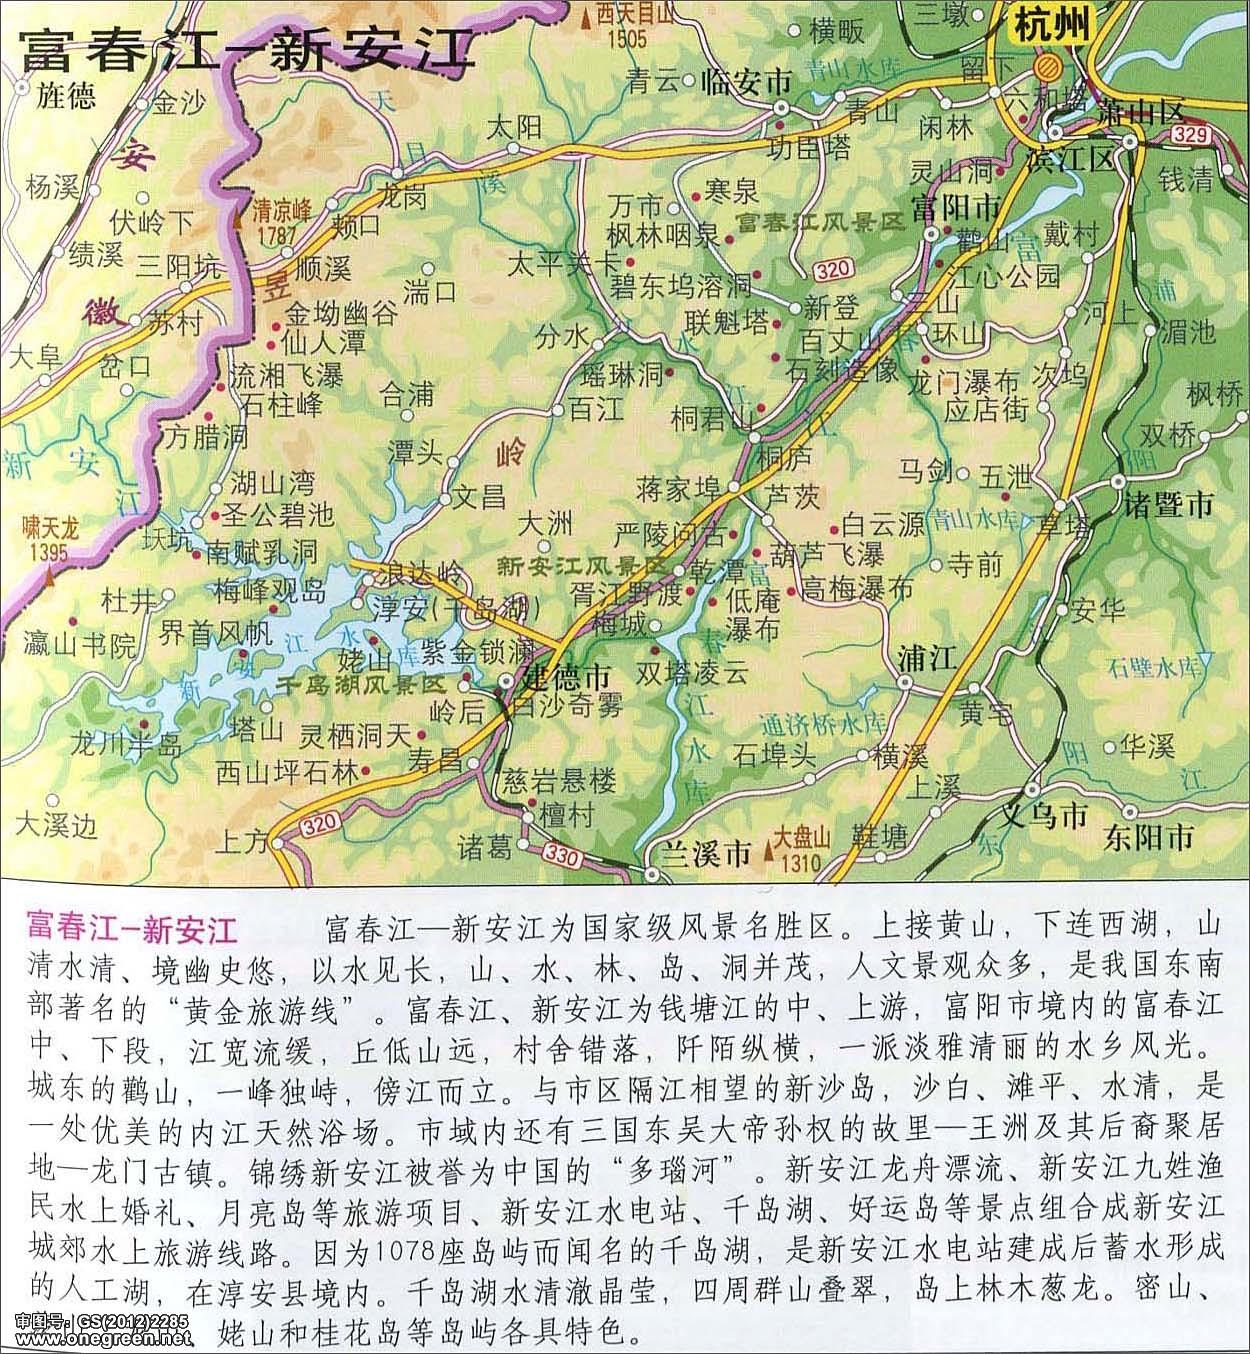 富春江旅游景点_浙江富春江景点导游图_地图窝